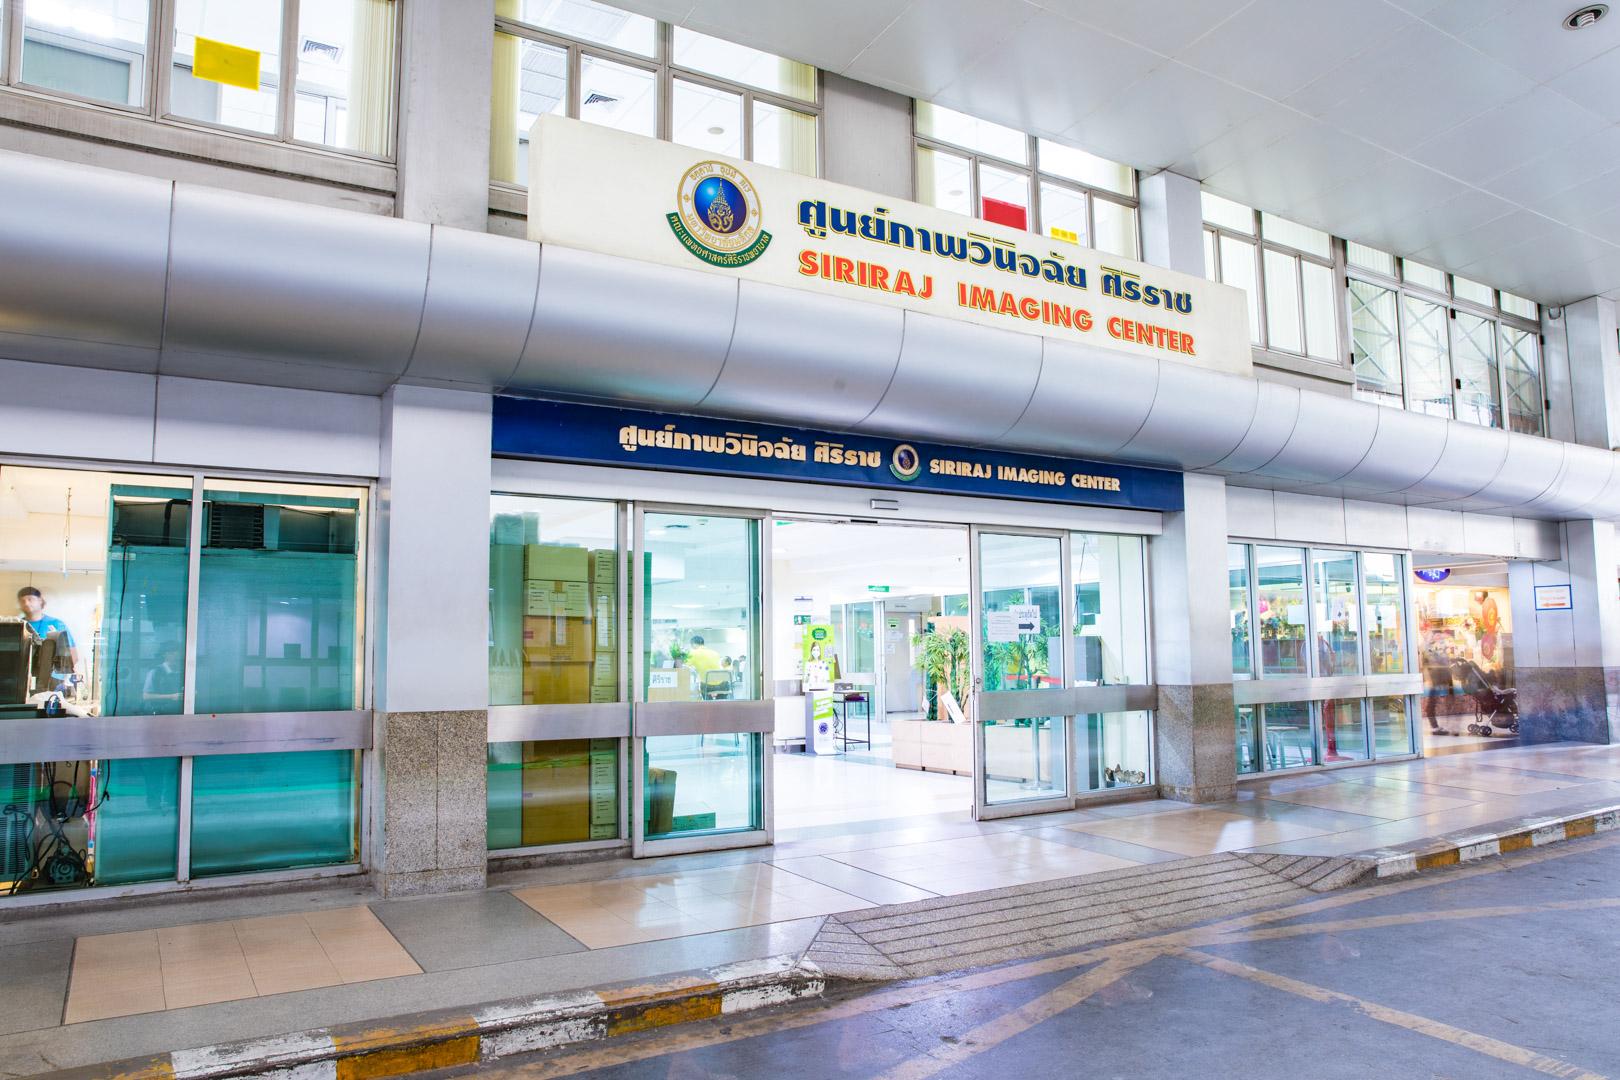 2562-07-24_ถ่ายภาพเครื่องมือและห้องปฏิบัติการเพื่อจัดทำเว็บไซต์ Photo by Nattawat Chakreyanan